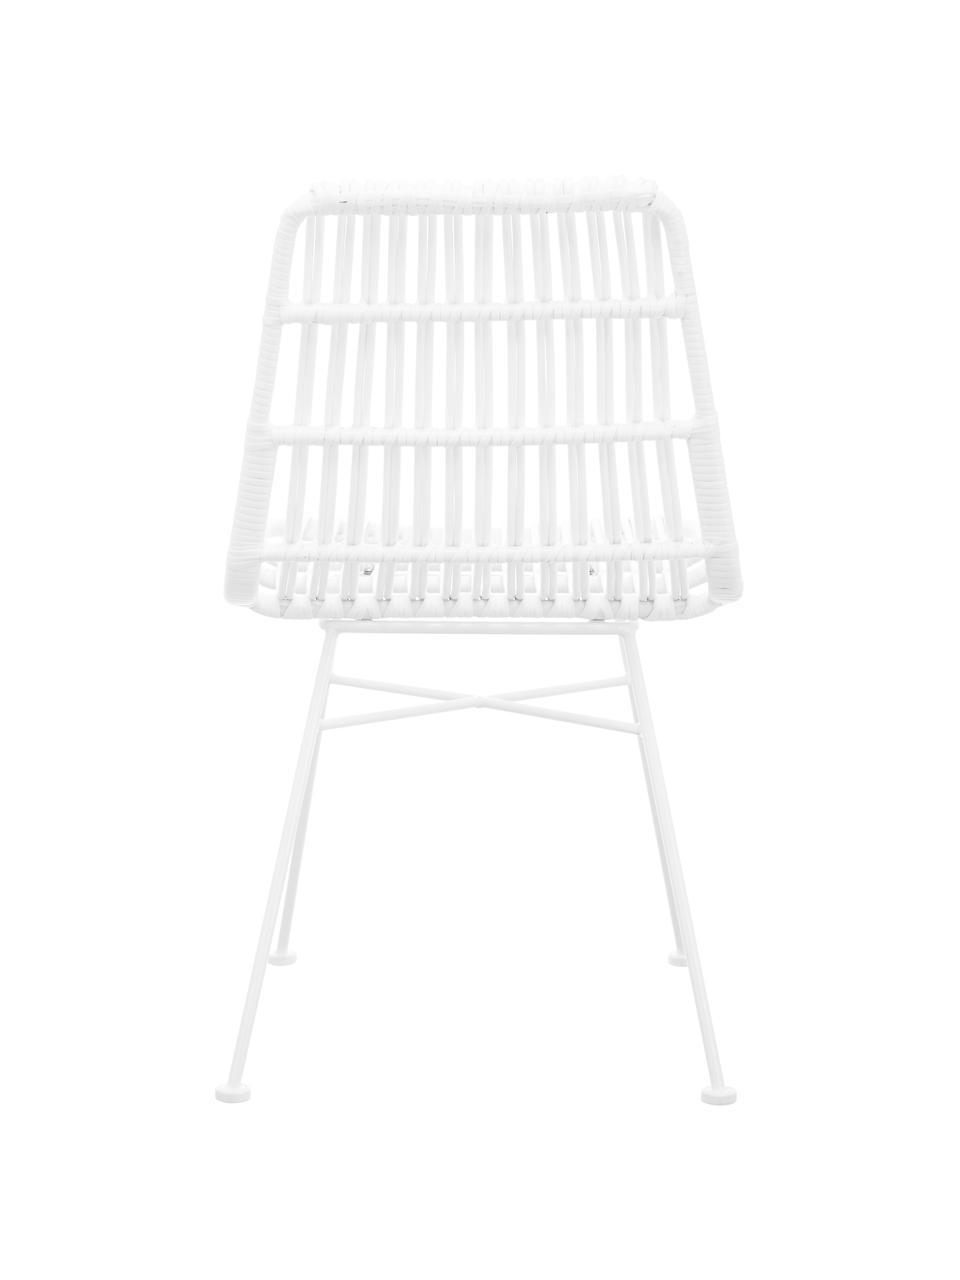 Polyrattan-Stühle Costa, 2 Stück, Sitzfläche: Polyethylen-Geflecht, Gestell: Metall, pulverbeschichtet, Weiß, Weiß, B 47 x T 61 cm